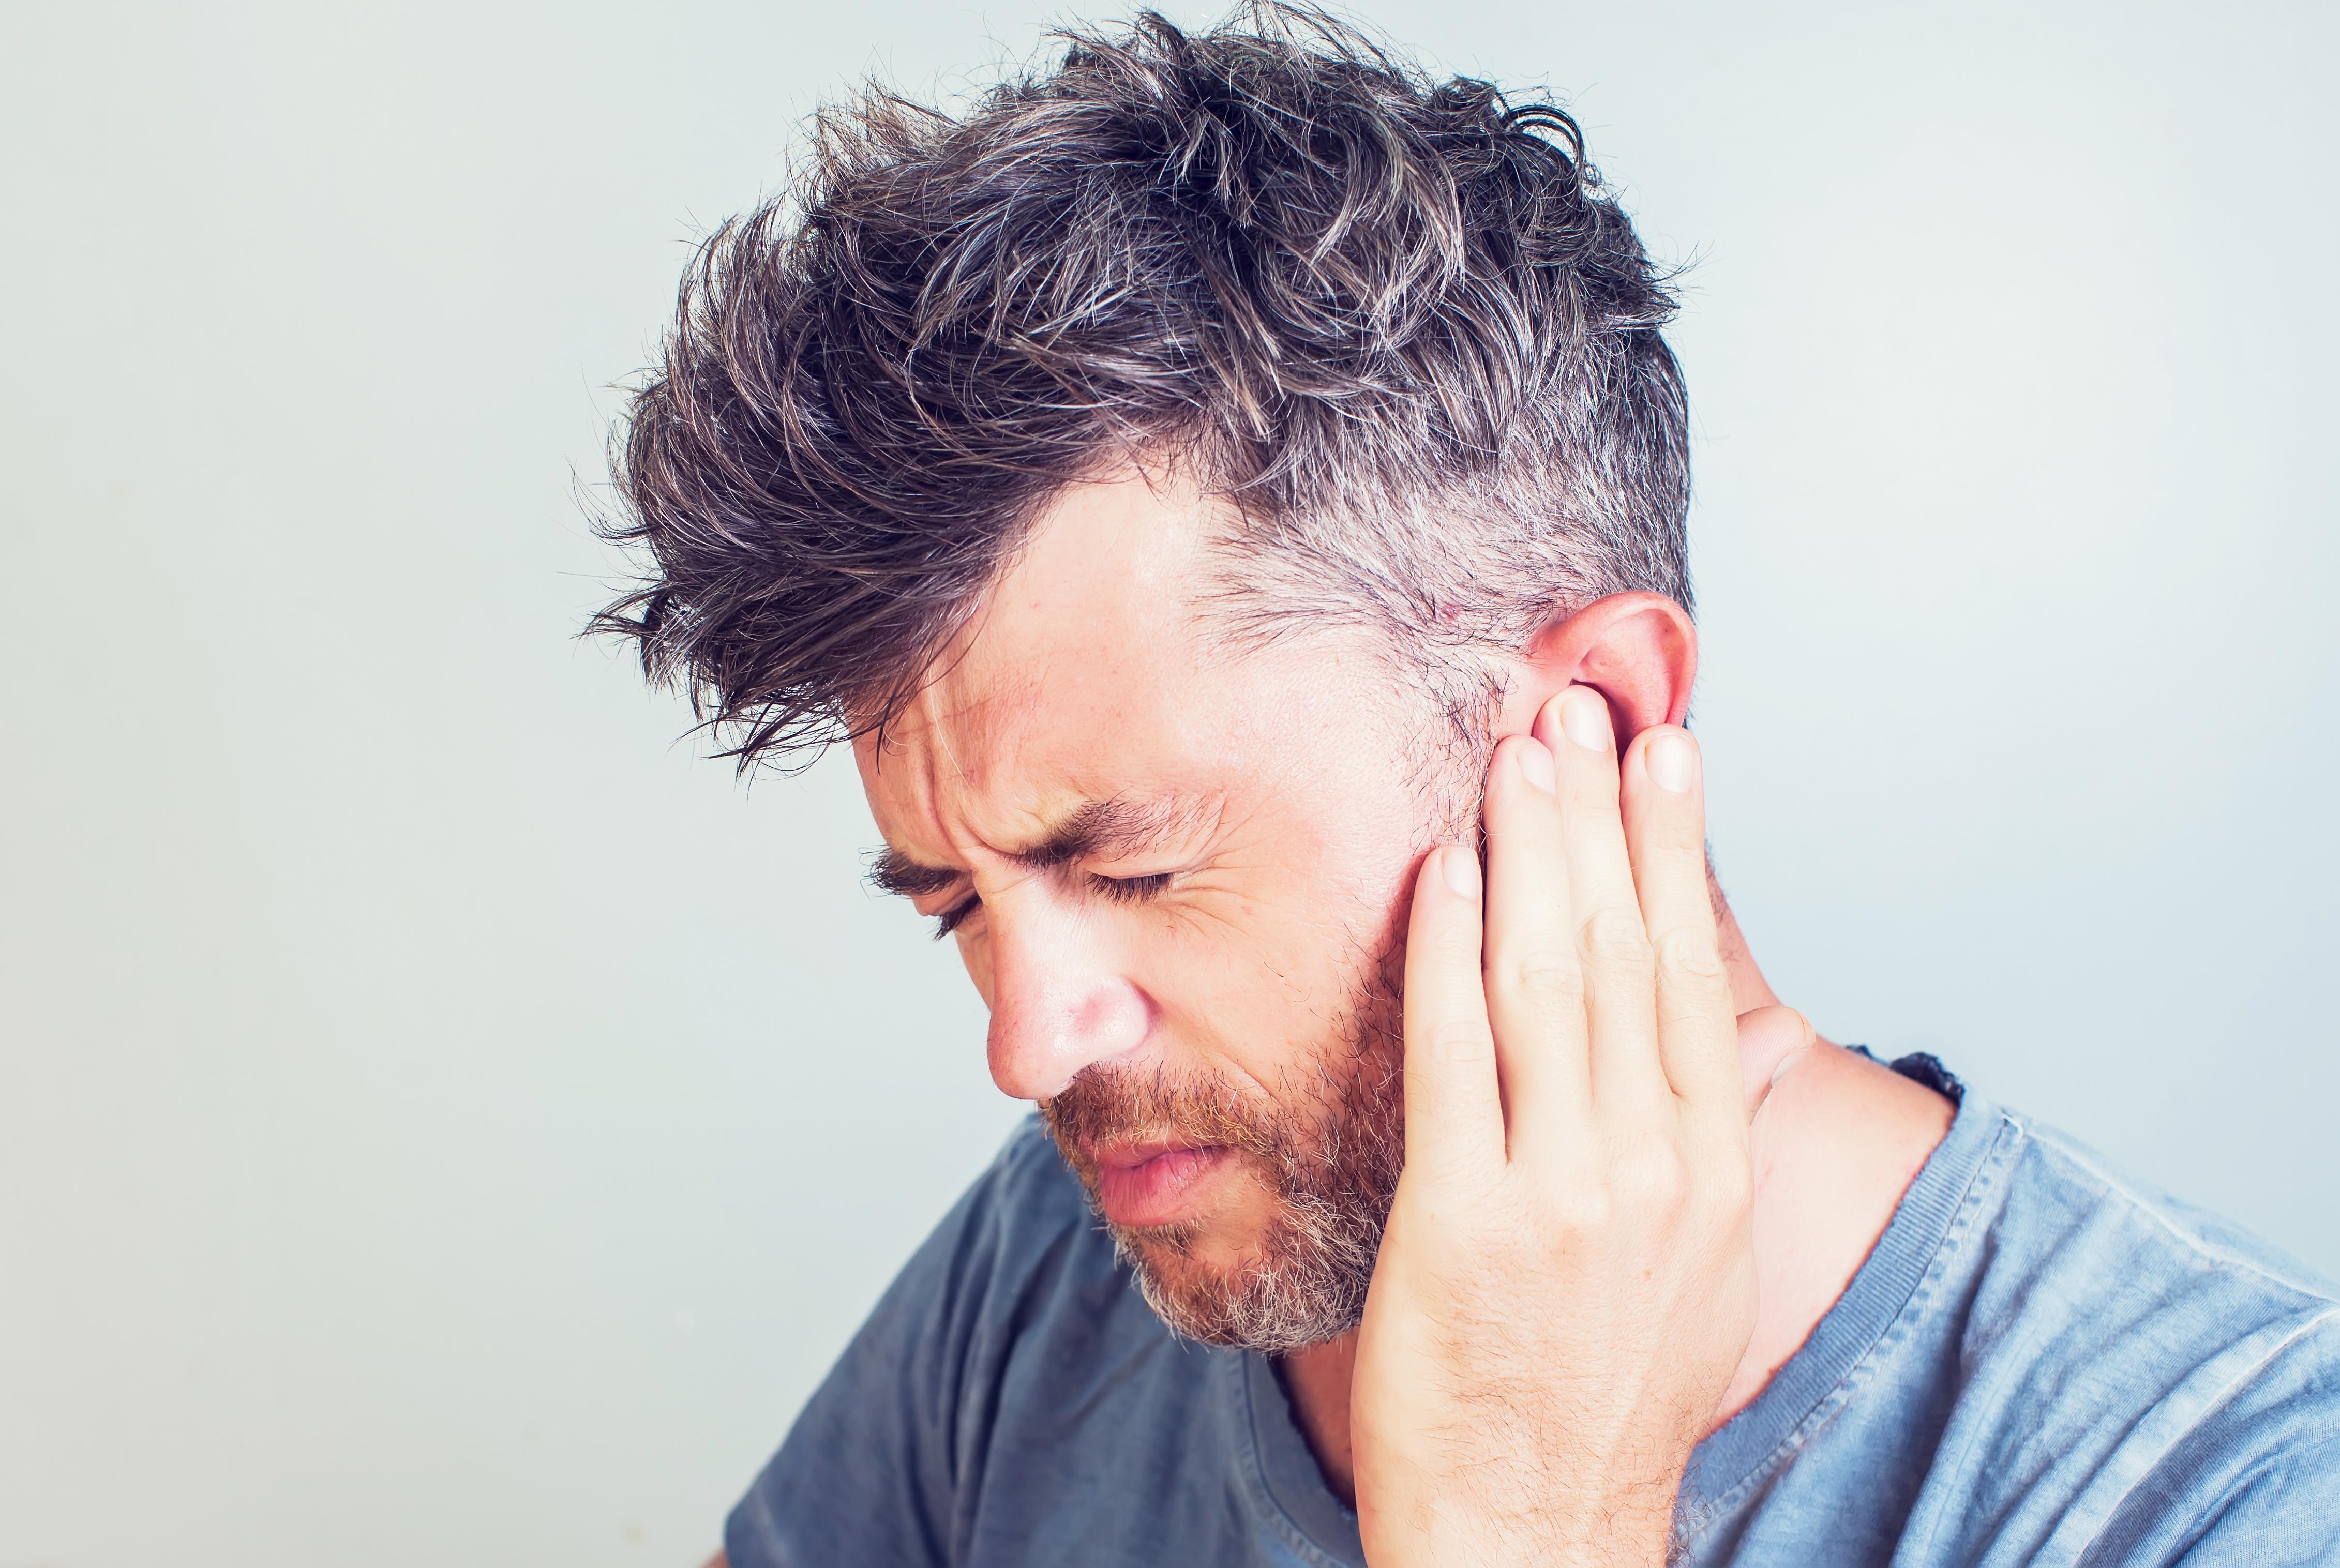 Vanliga symtom vid hörselgångsinflammation är bland annat klåda, irriation och värmekänsla.